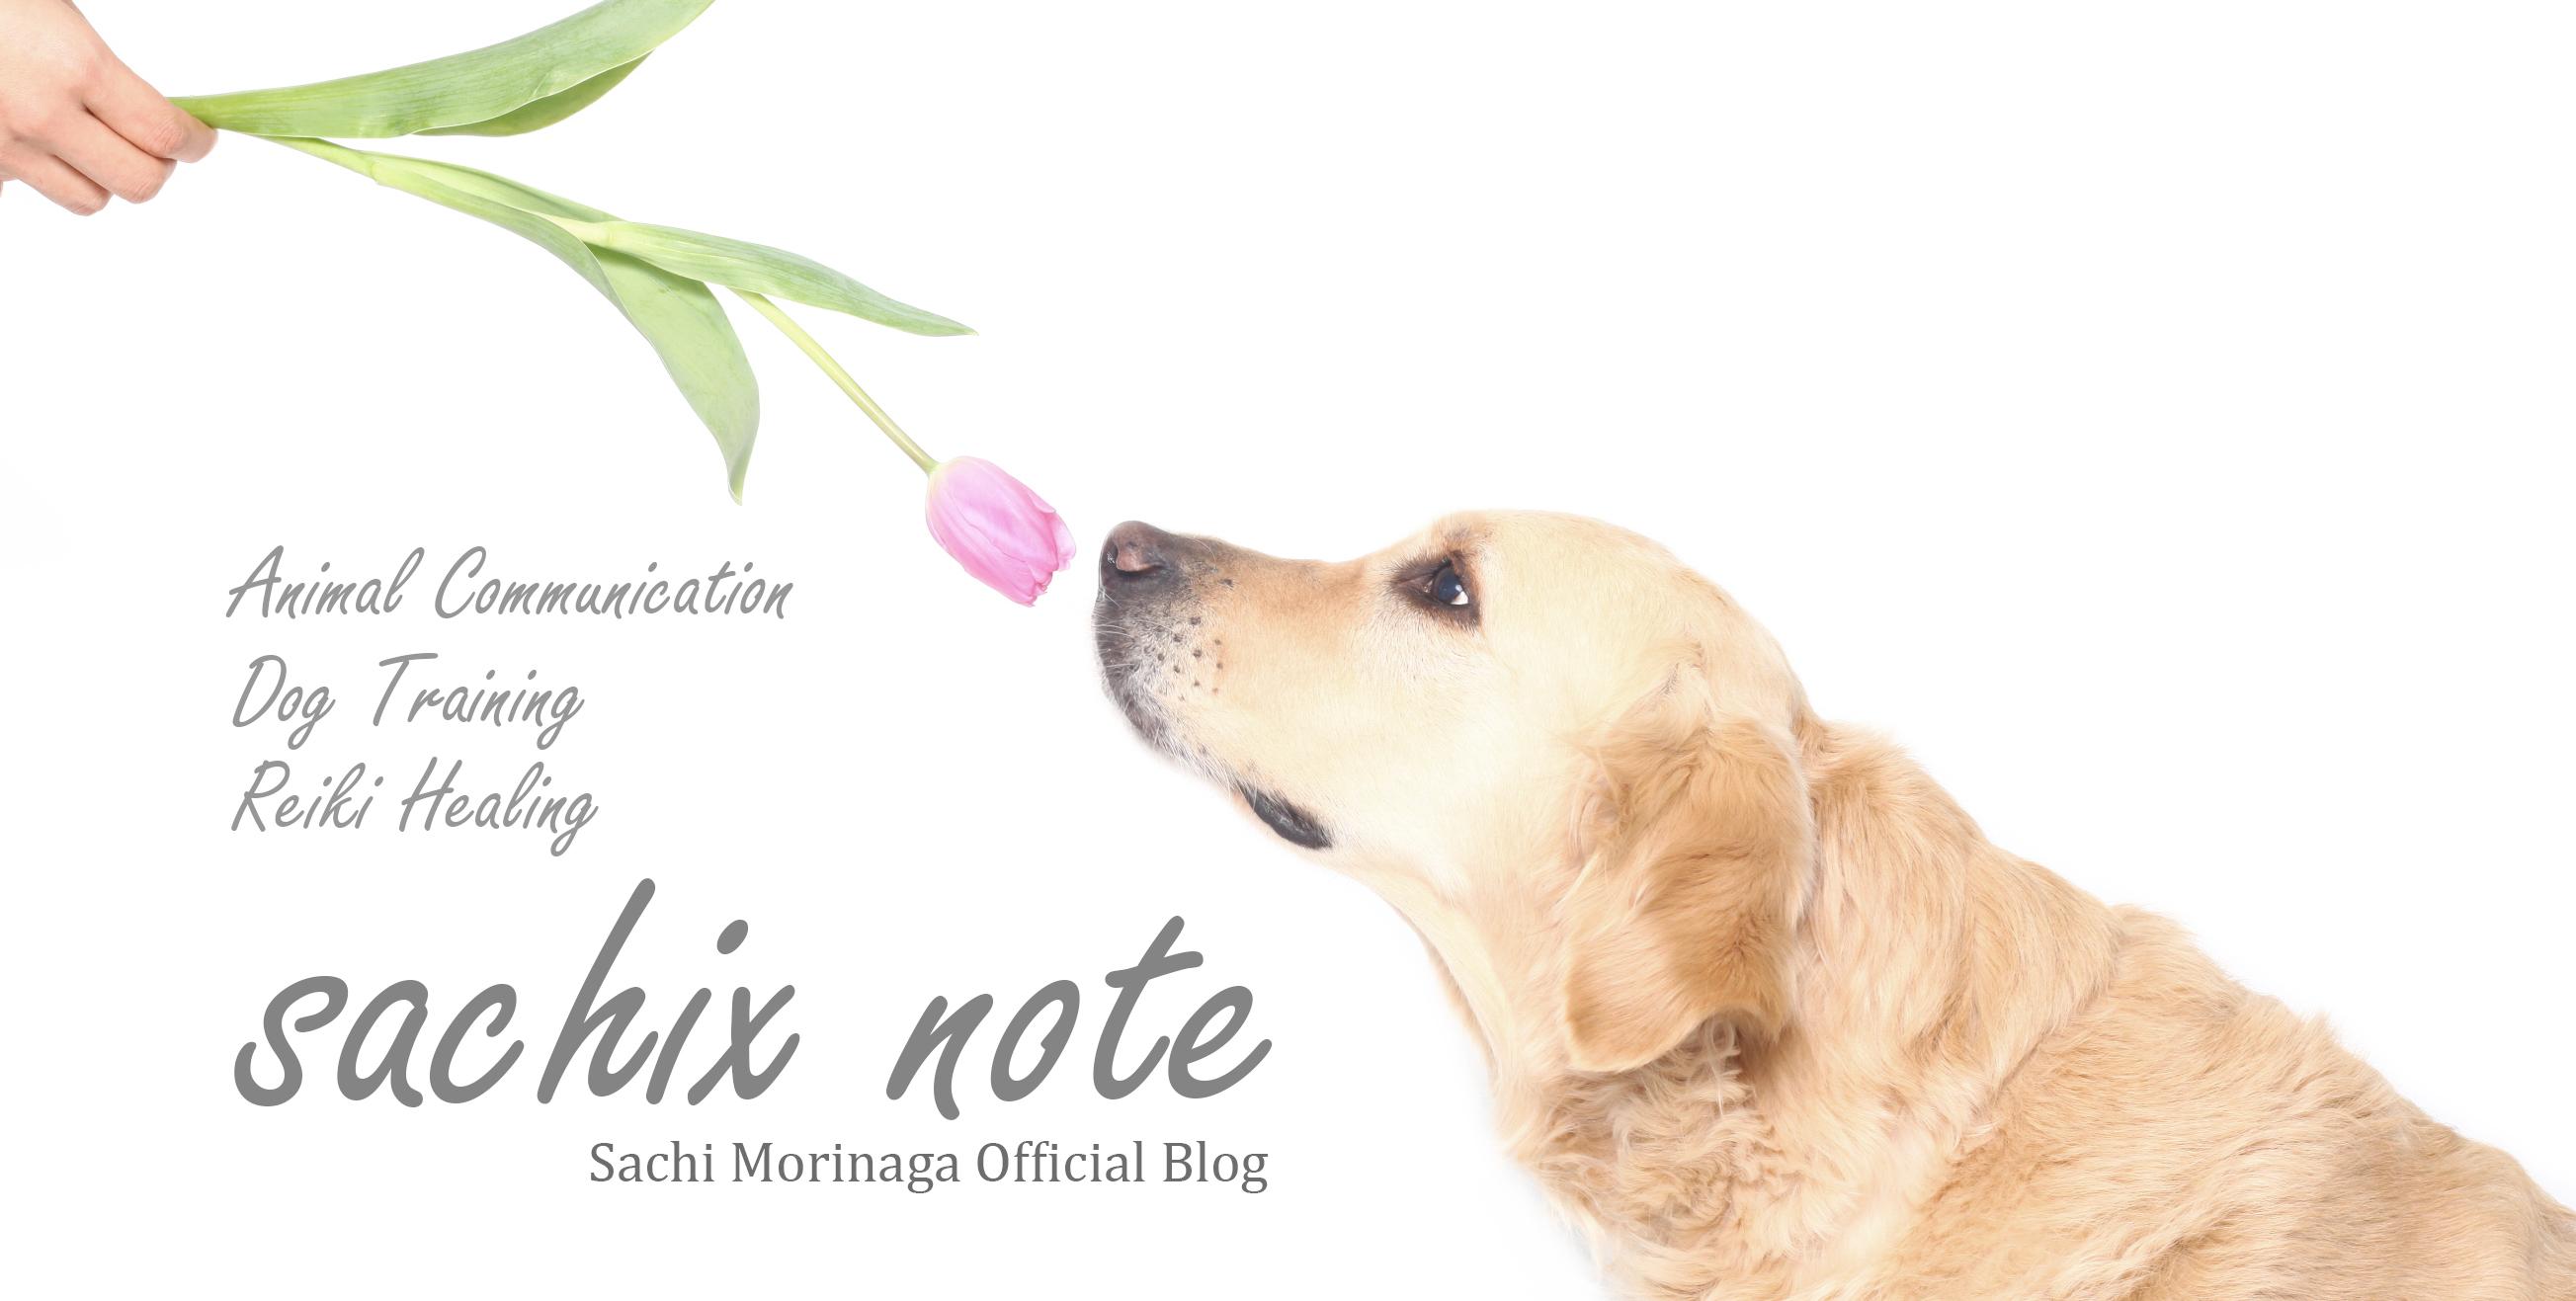 sachix note